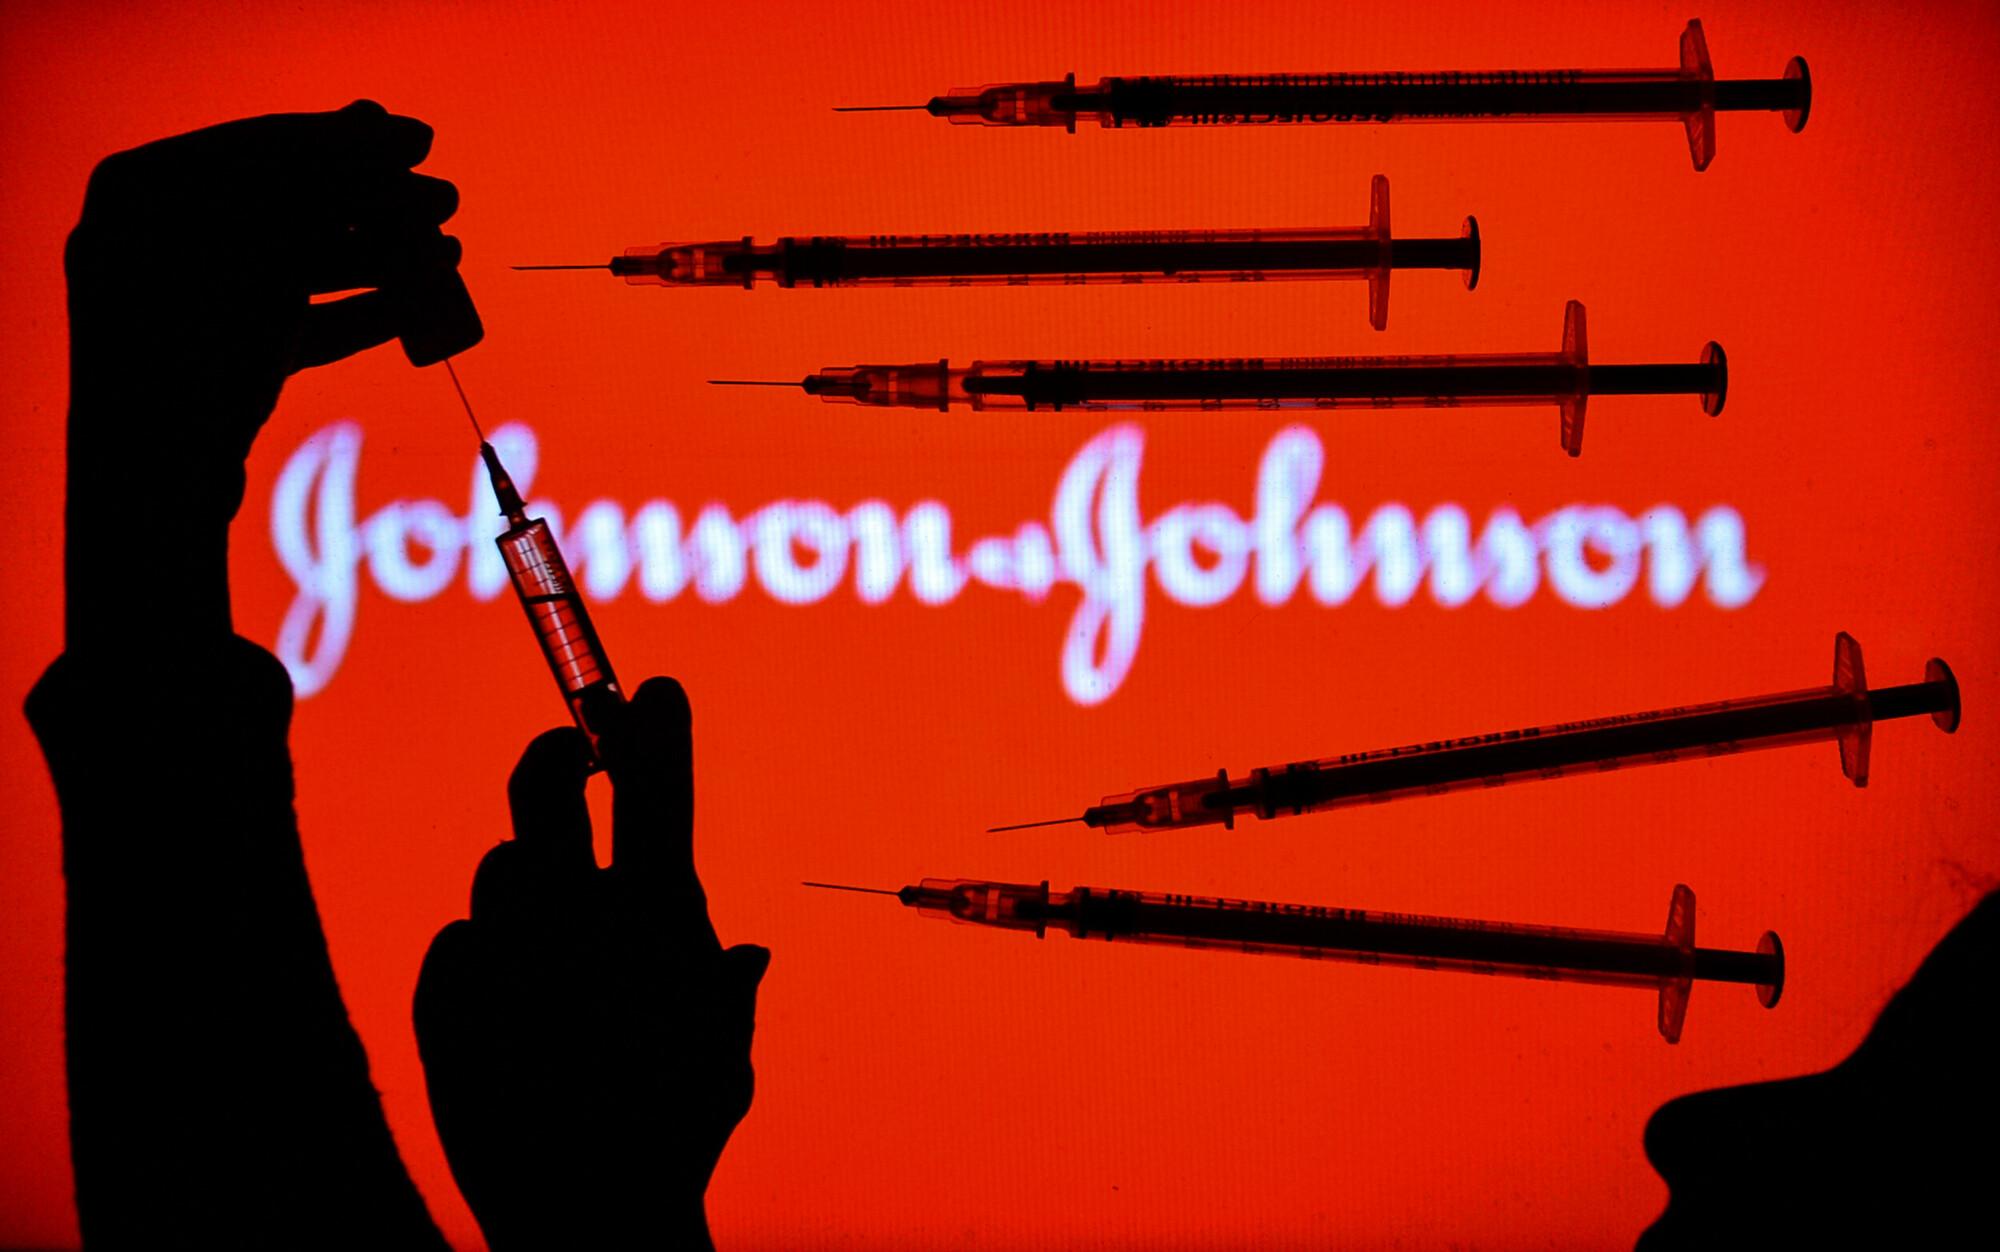 Εμβόλιο Johnson & Johnson: Καταστράφηκαν 15 εκατ. δόσεις από «ανθρώπινο λάθος»